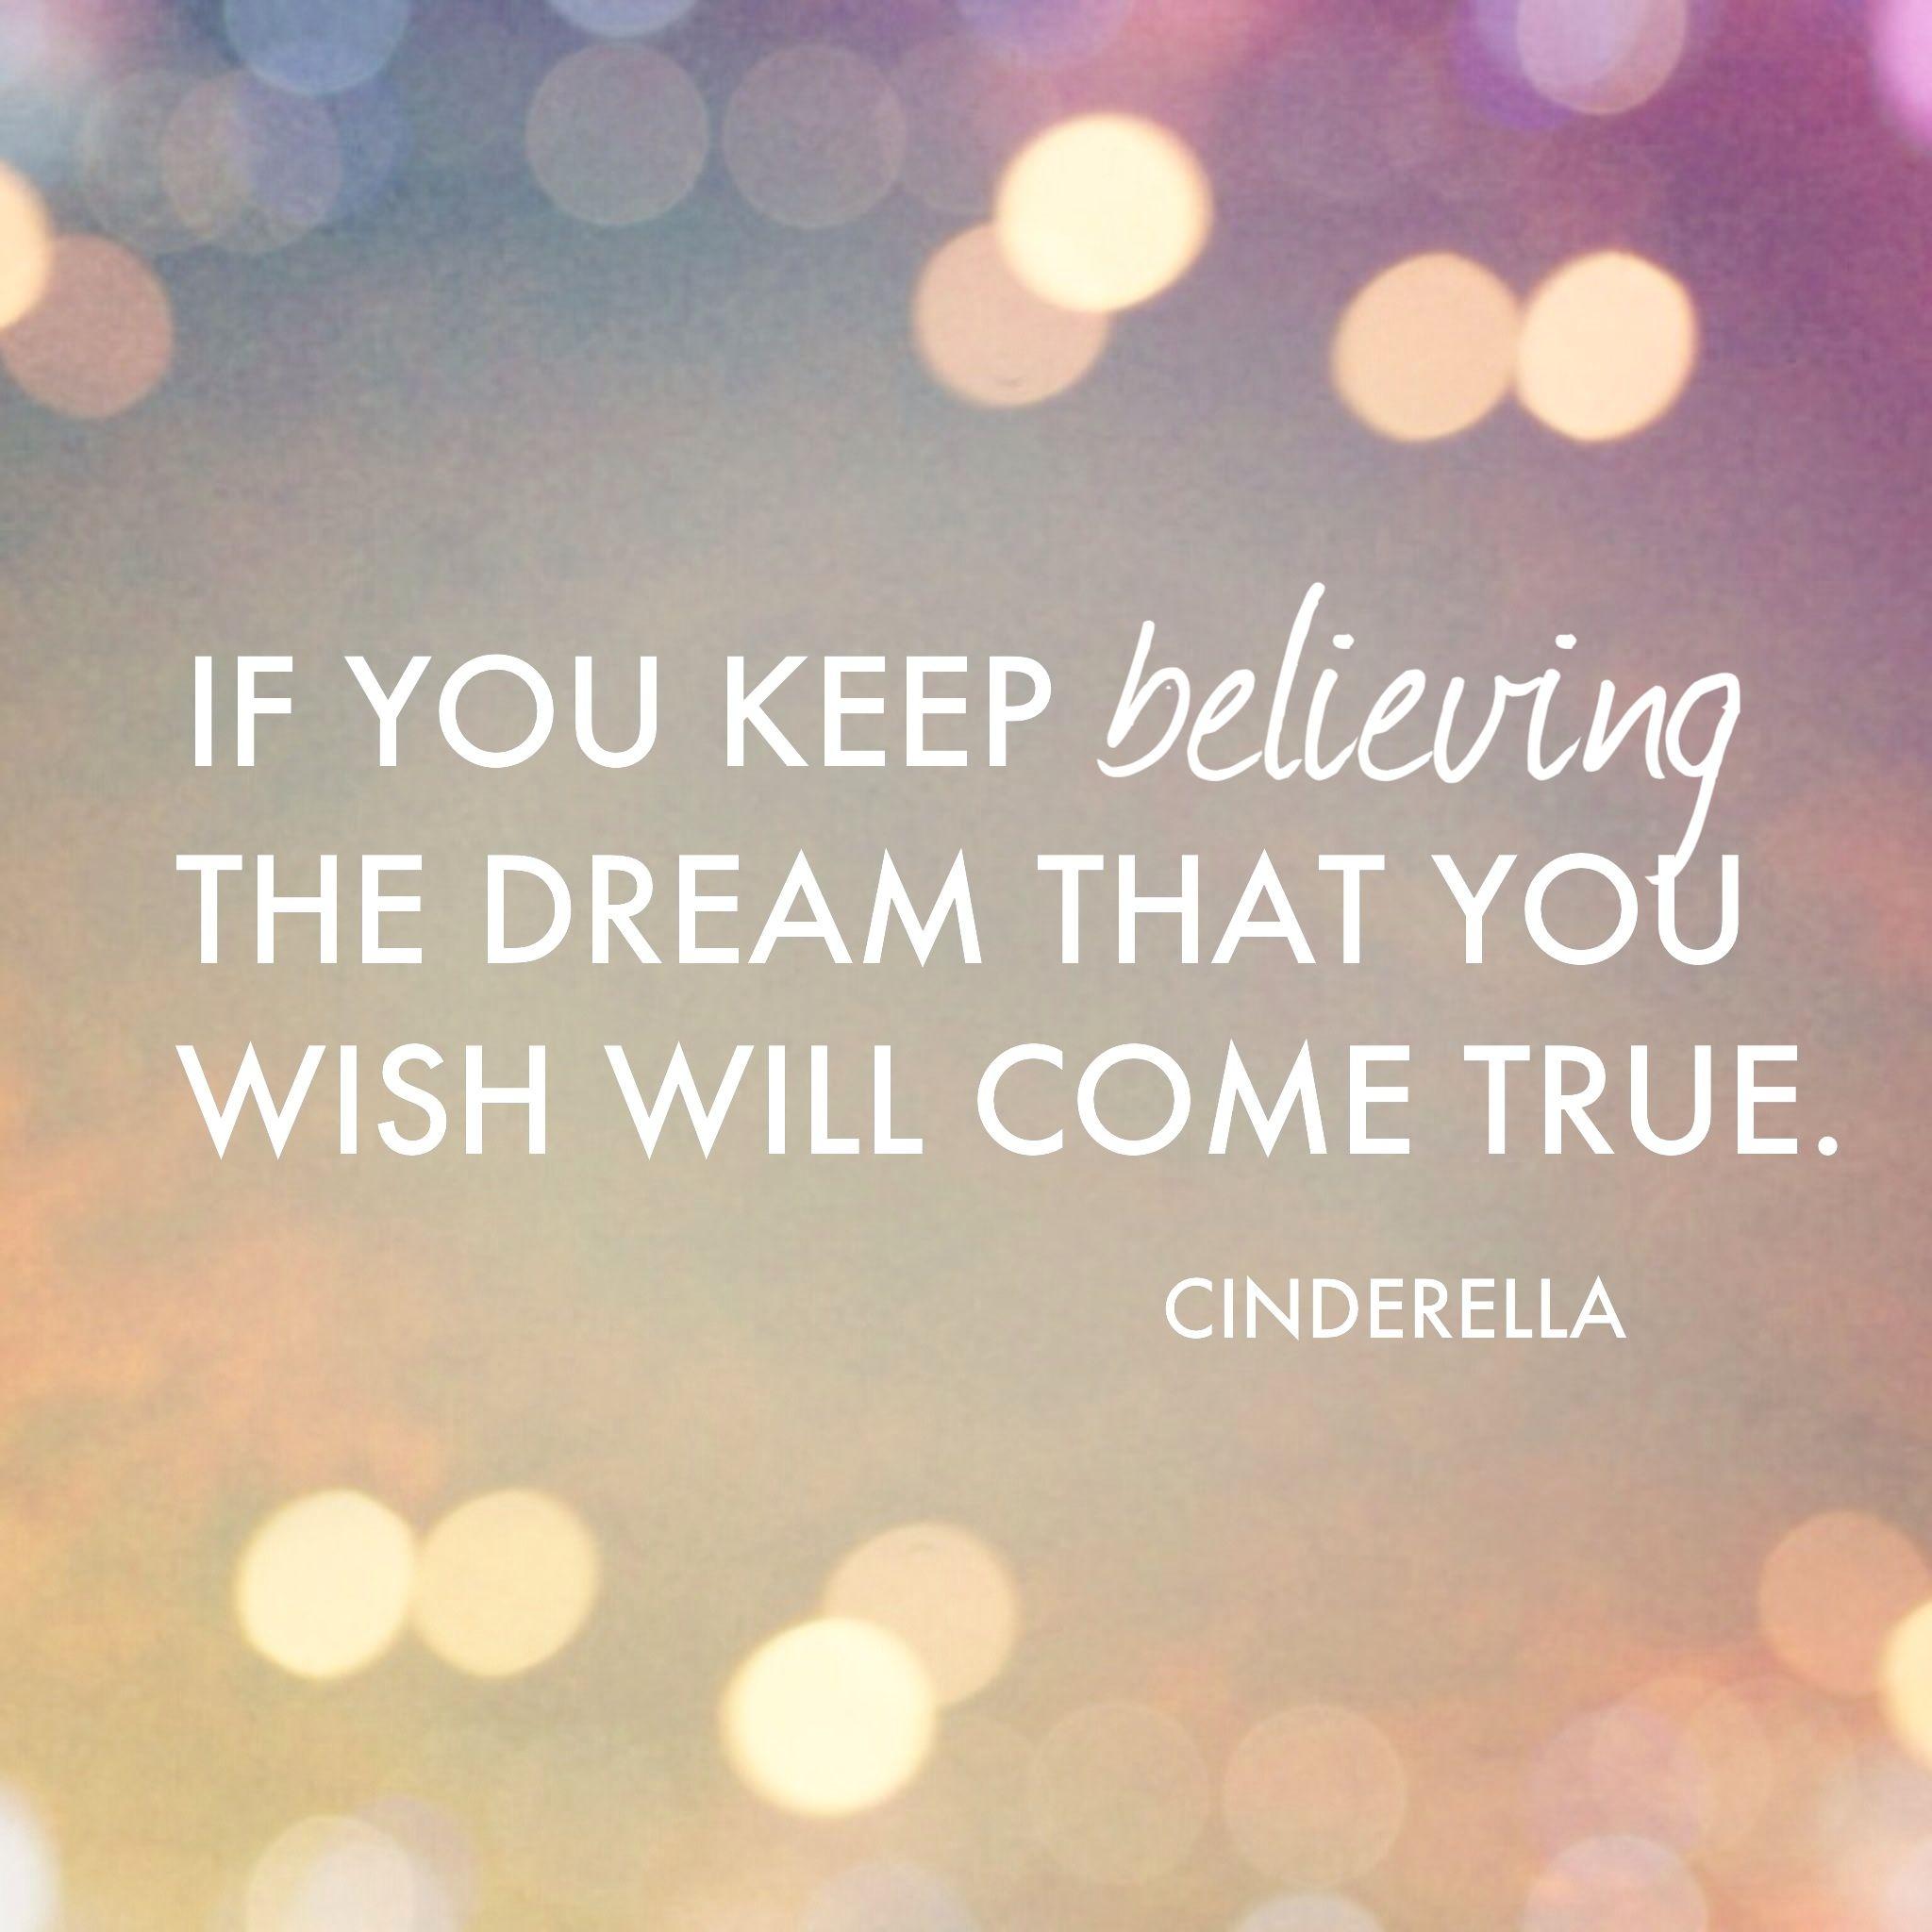 disney movie quotes Cinderella the dream that you wish will e true